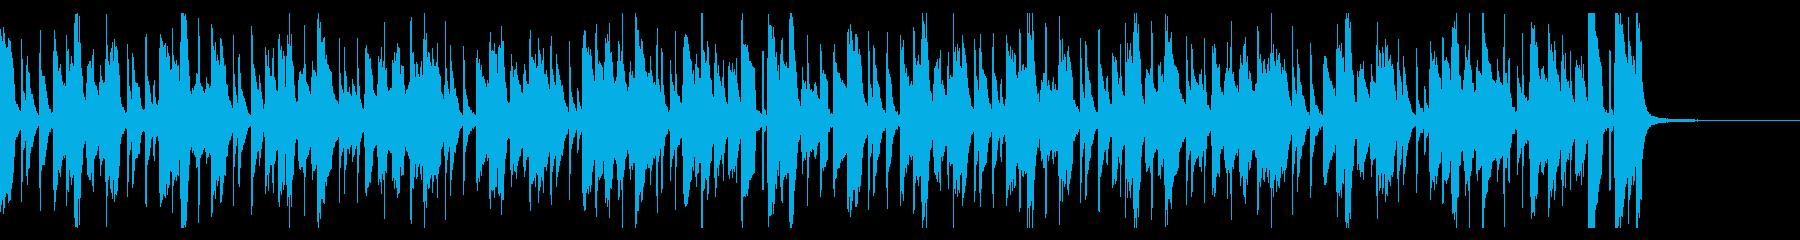 わくわくピアノジャズ(2回)の再生済みの波形